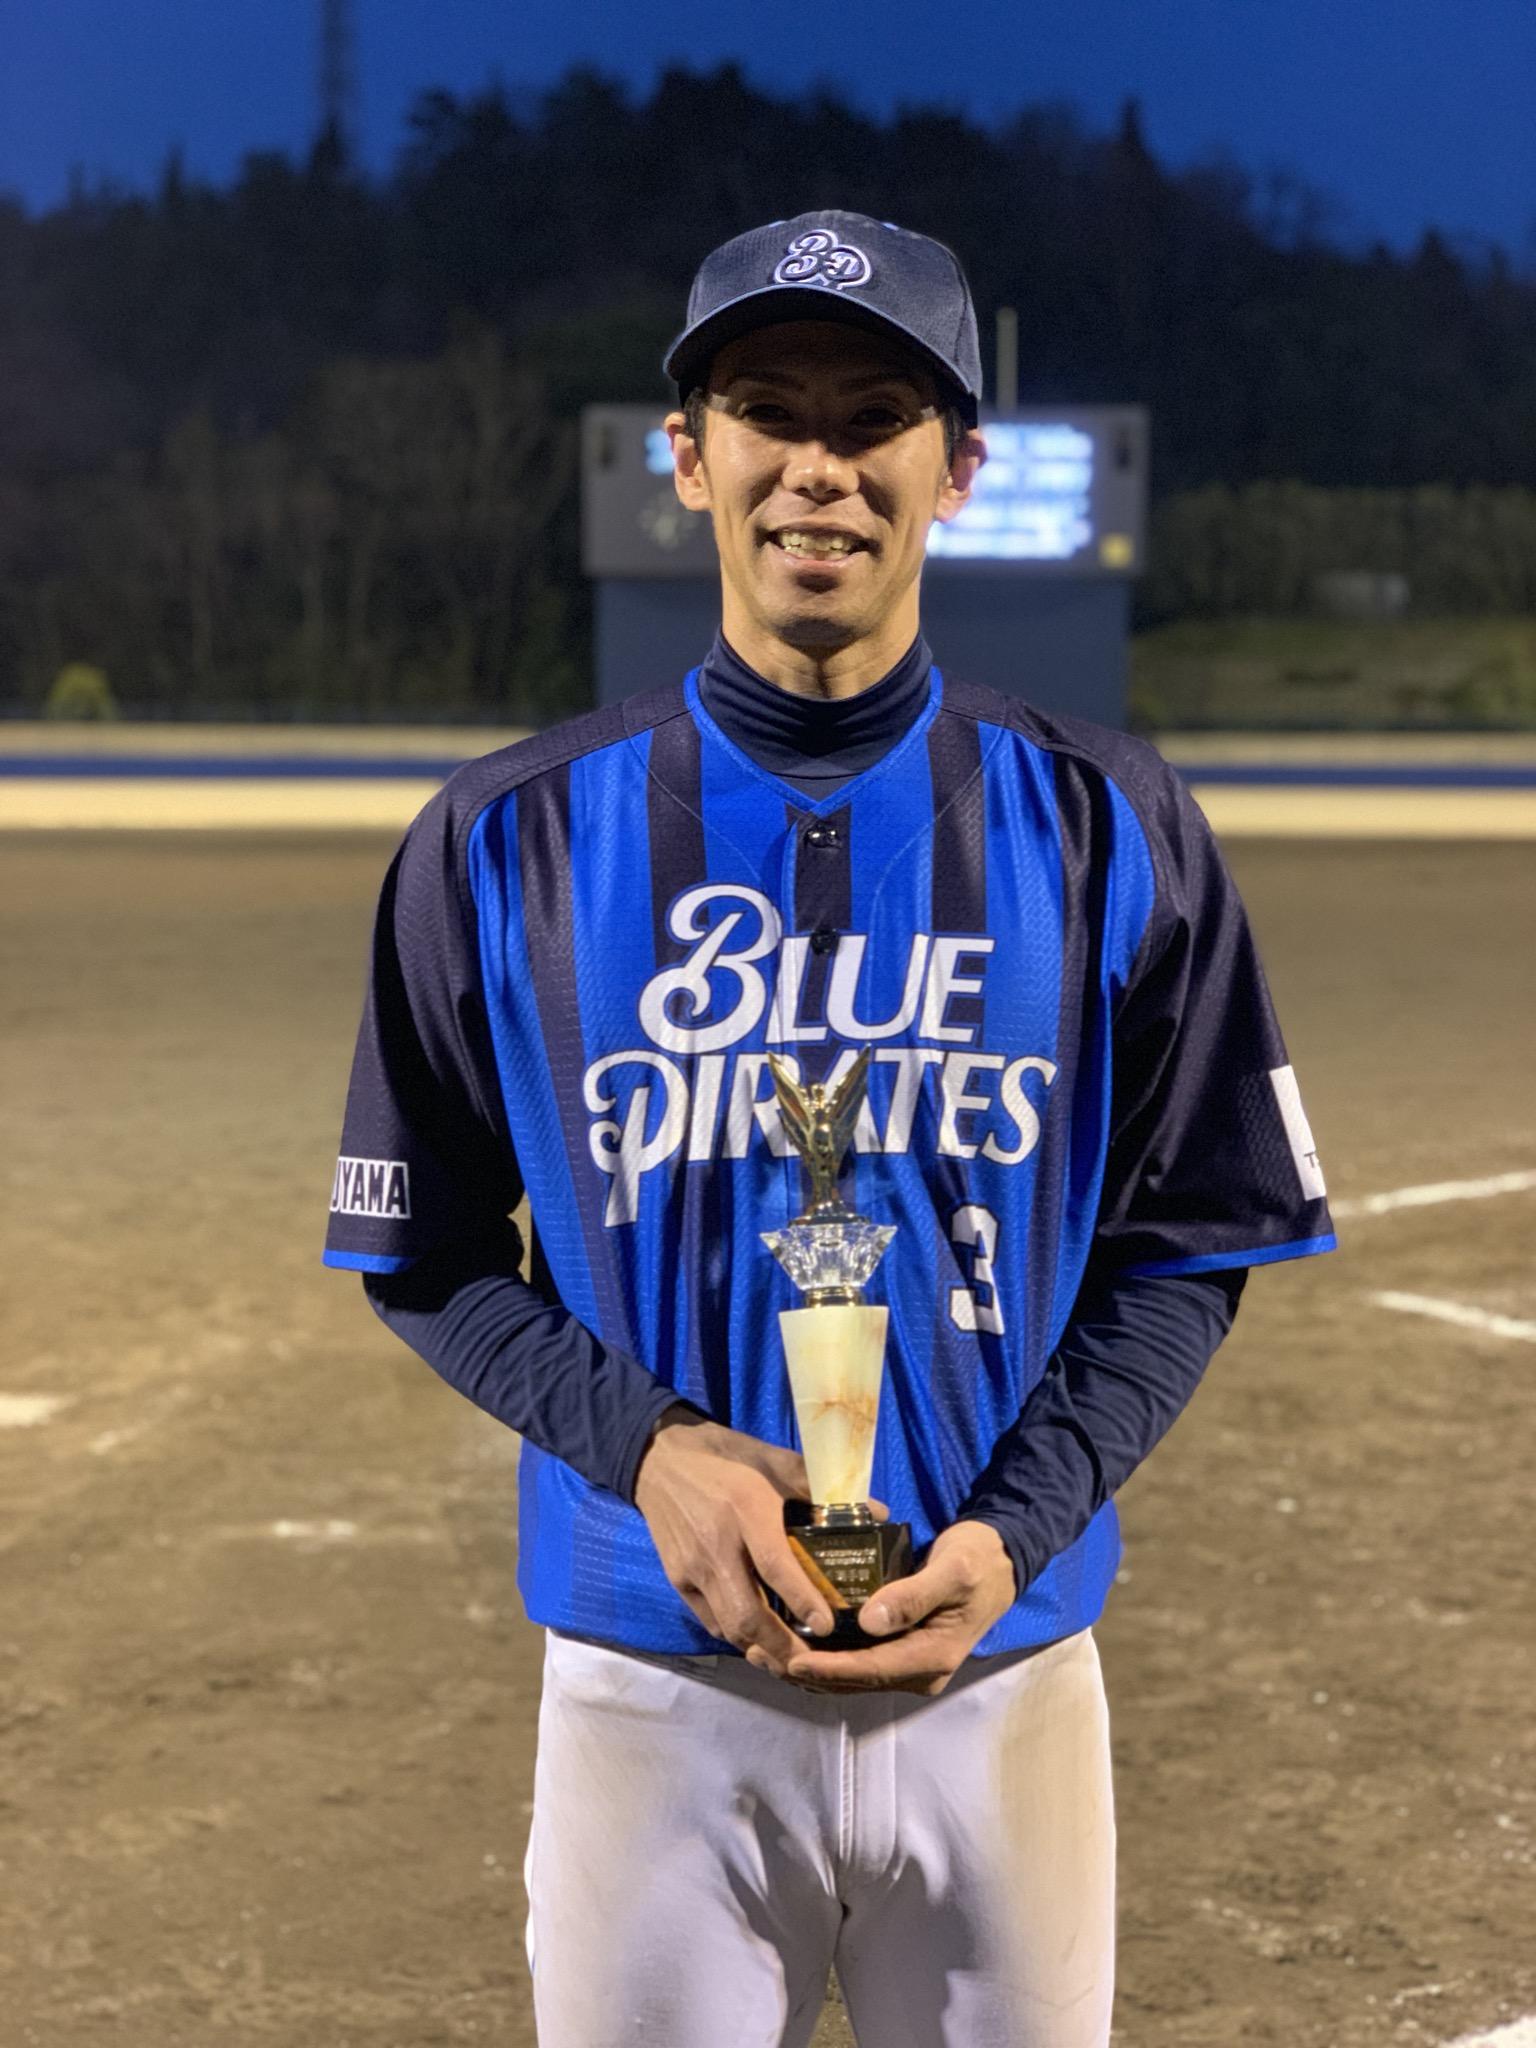 最優秀選手に選出された永岡涼選手